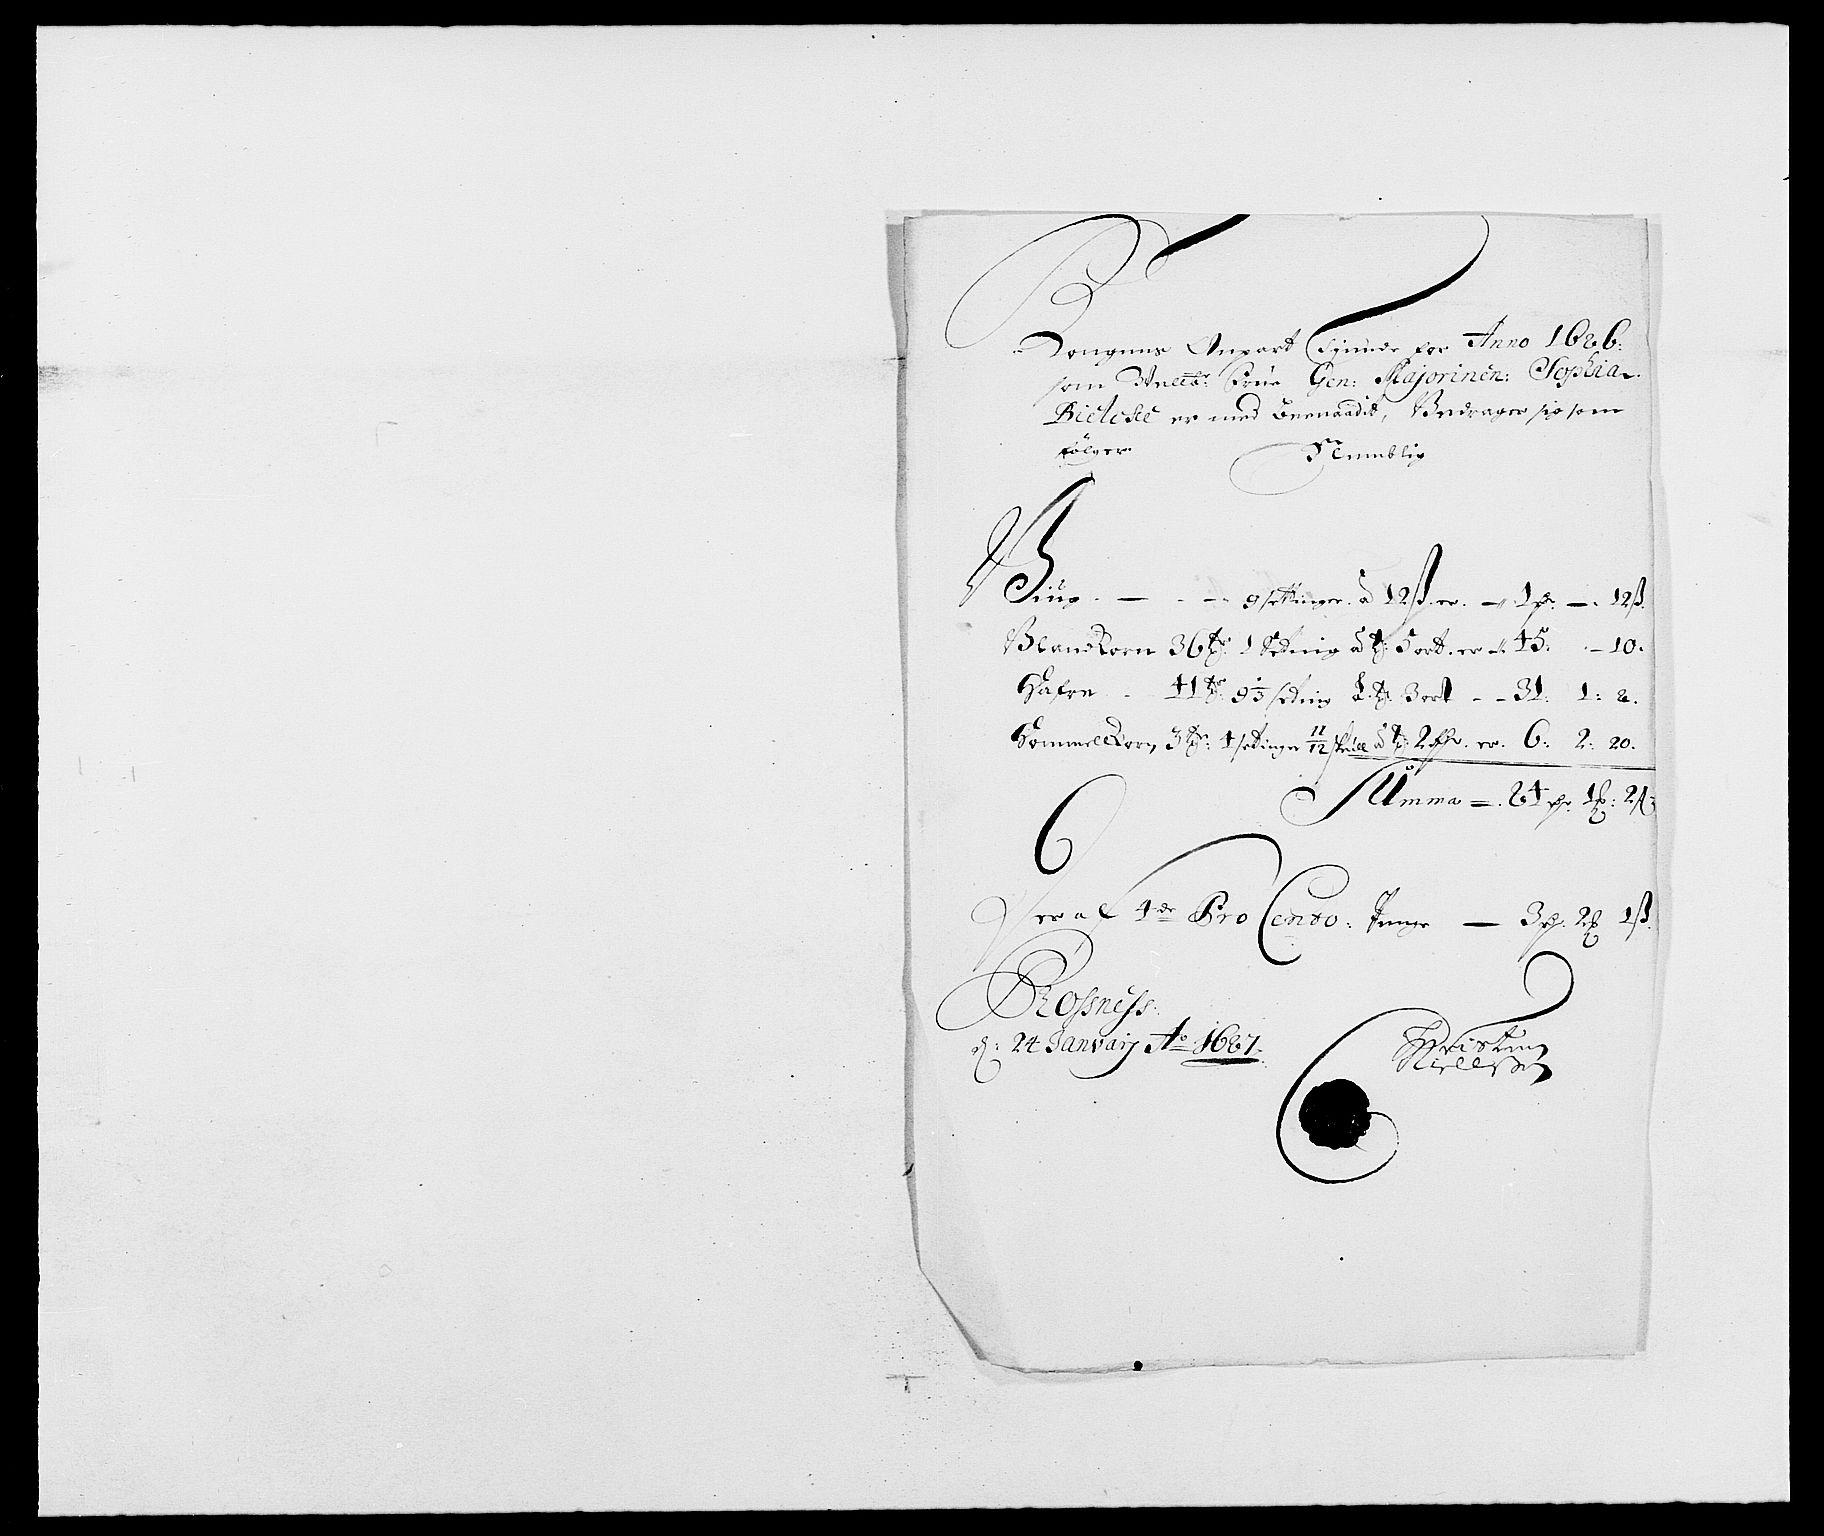 RA, Rentekammeret inntil 1814, Reviderte regnskaper, Fogderegnskap, R01/L0006: Fogderegnskap Idd og Marker, 1685-1686, s. 364